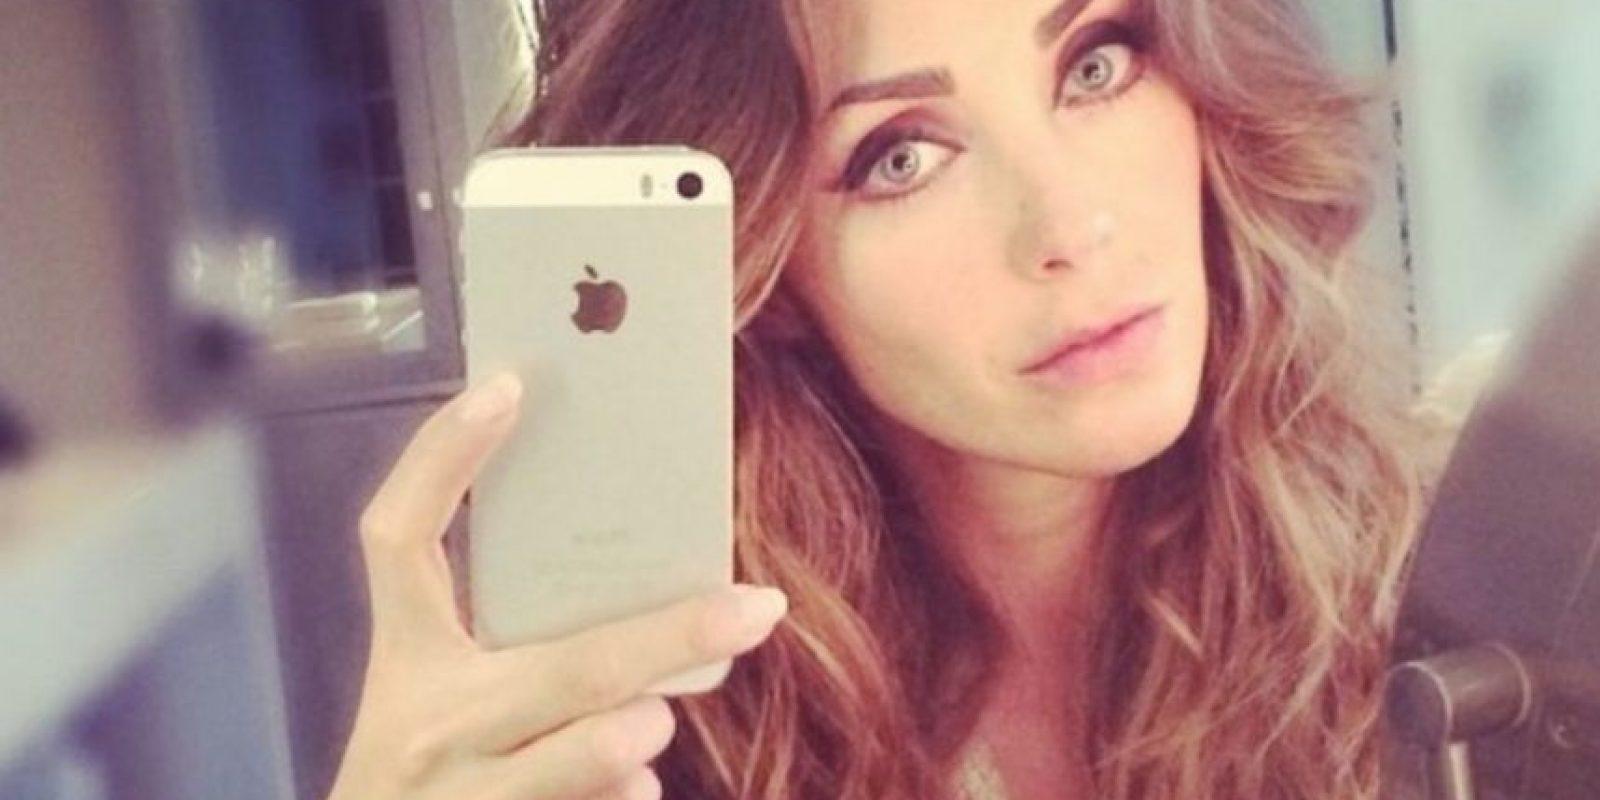 Según expertos, Anahí ha cambiado su nariz, su mentón y sus dientes a través de procedimientos quirúrgicos Foto:Instagram